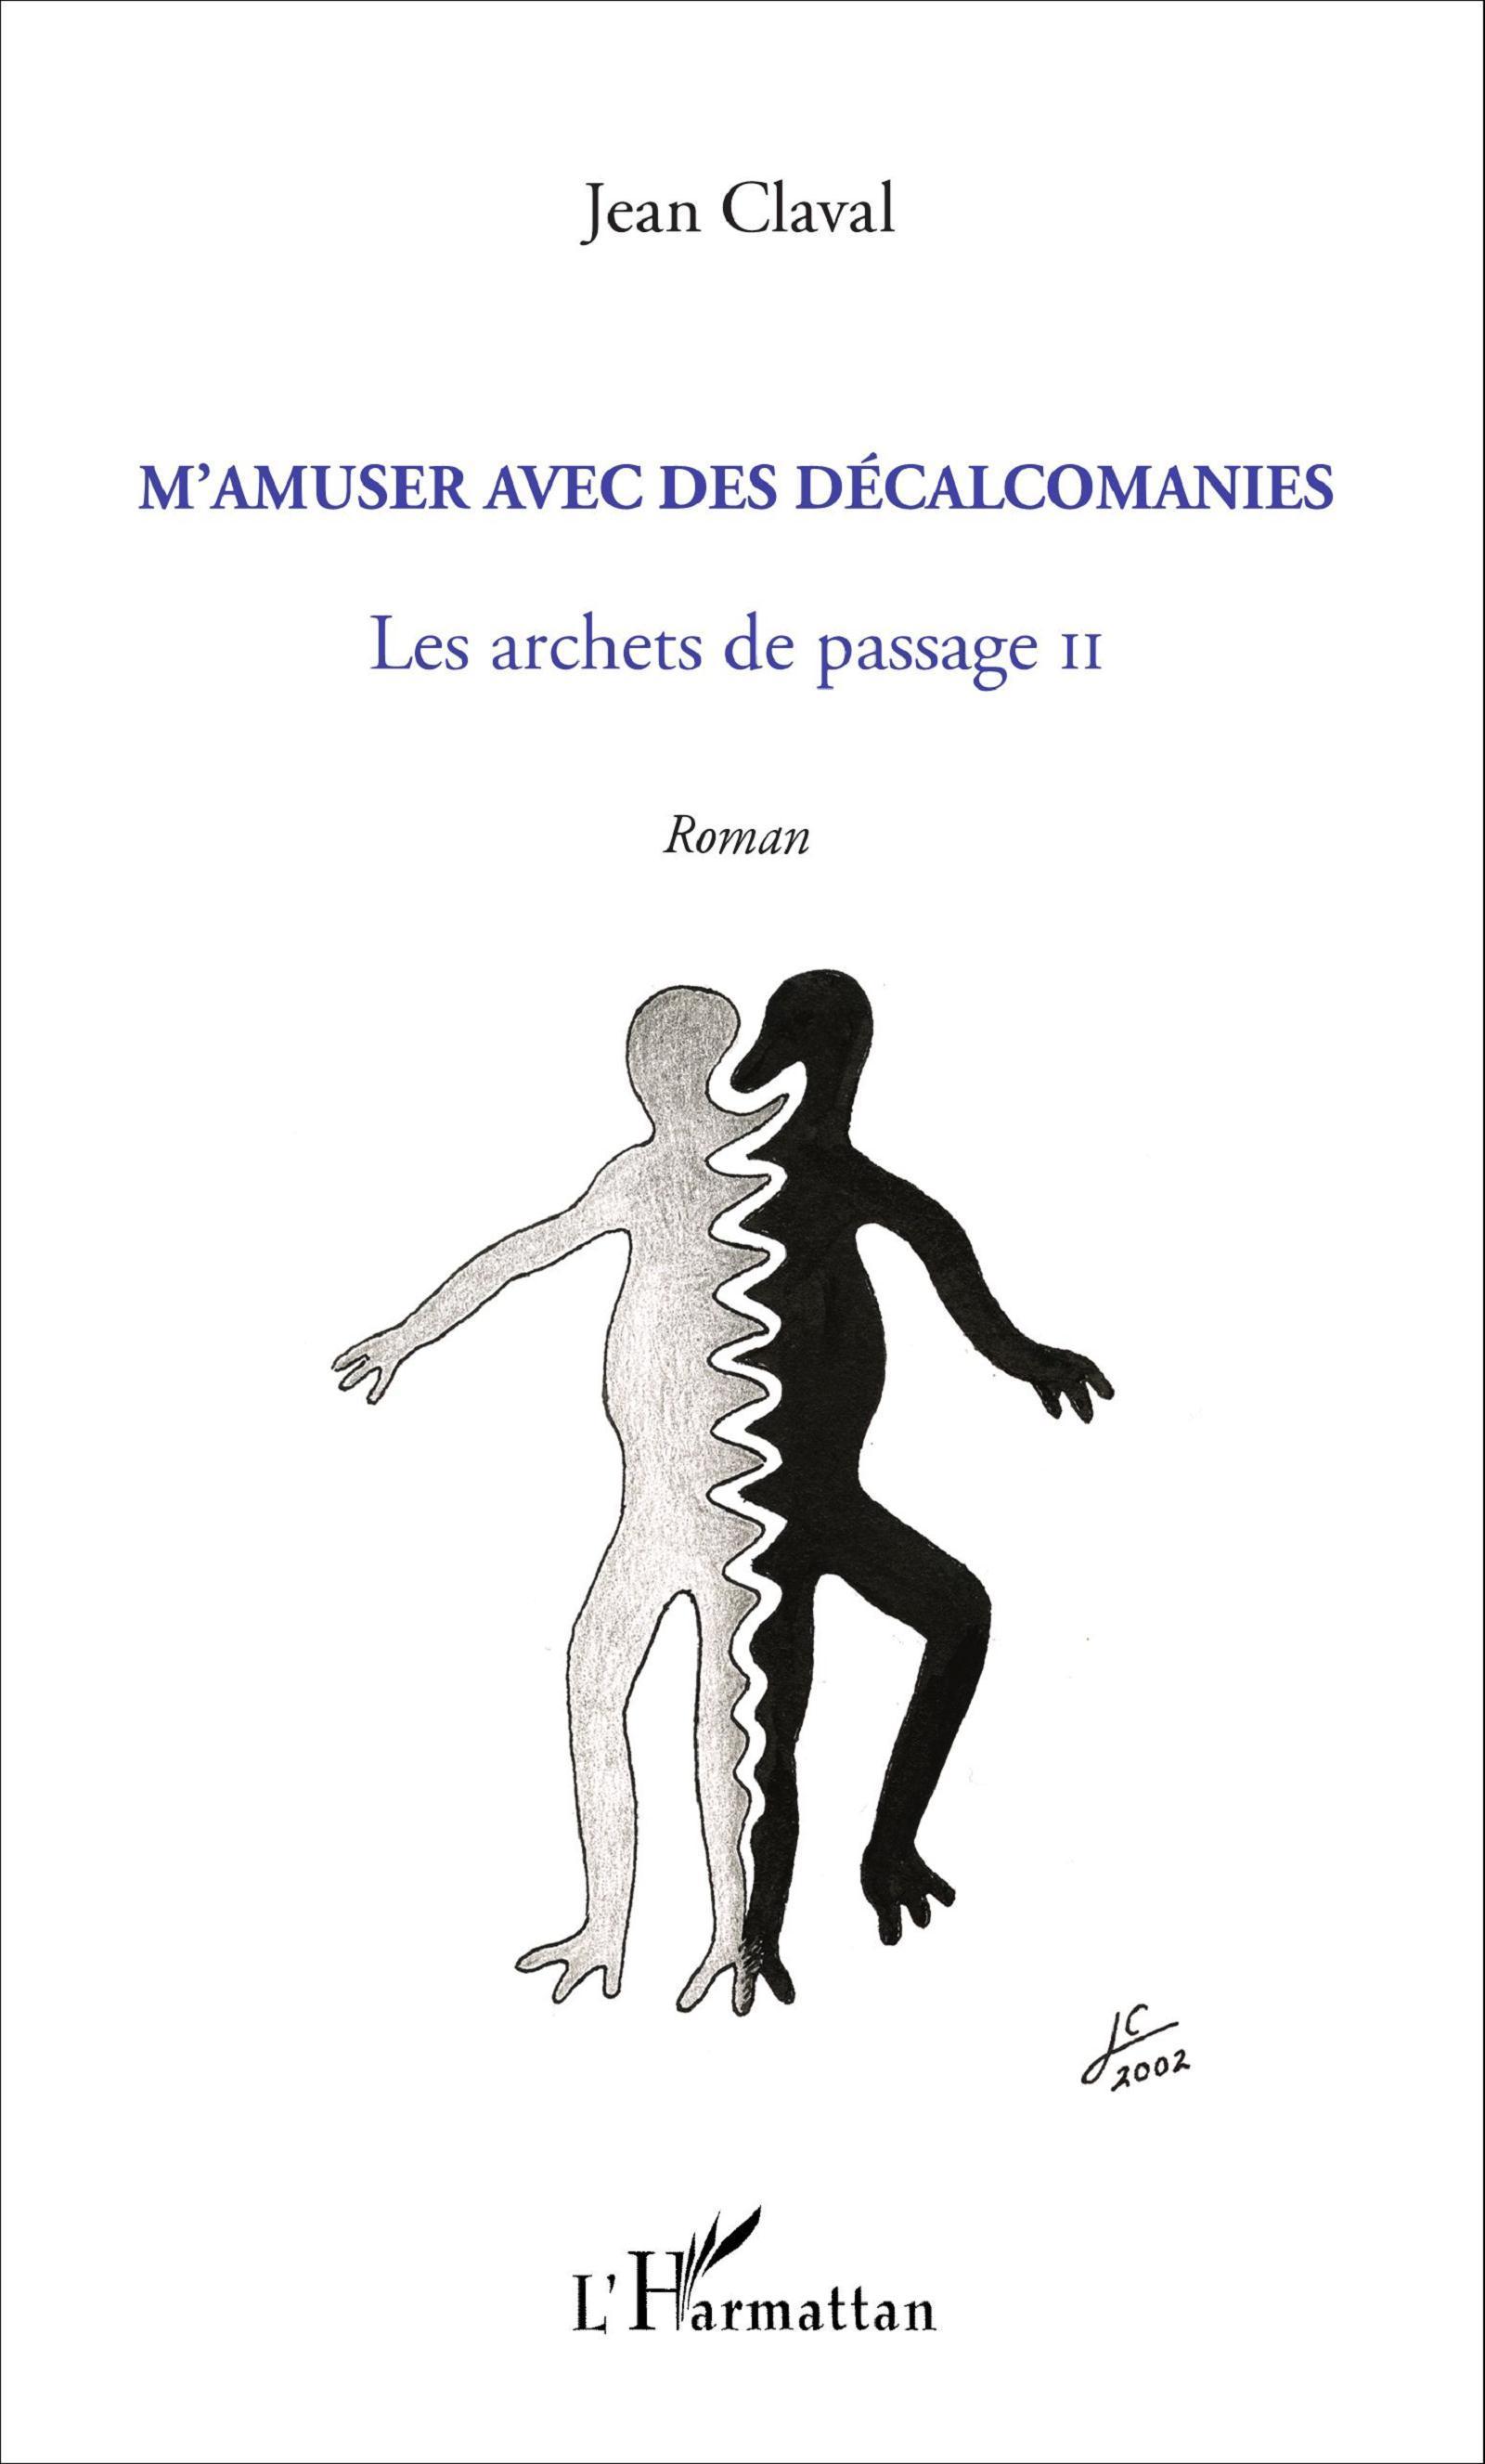 M'AMUSER AVEC LES DECALCOMANIES LES ARCHERS DU PASSAGE II ROMAN